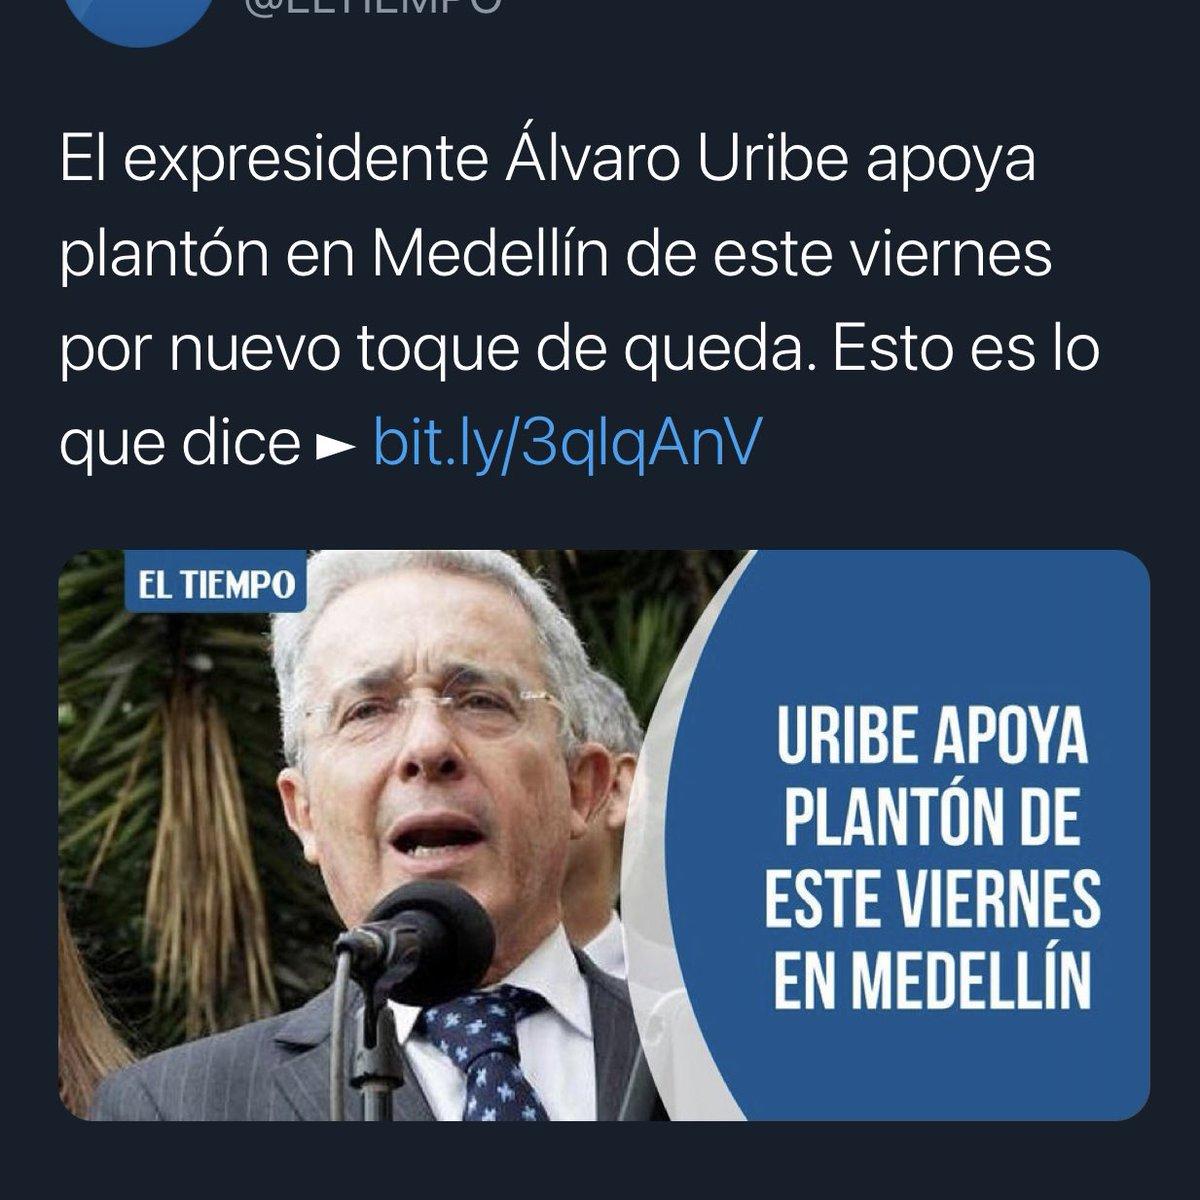 Hoy es el día con más casos de coronavirus en Colombia. Vivimos tiempos difíciles que requieren  decisiones difíciles. Expresidente Uribe le exijo responsabilidad. No haga política con la vida. Pídale a sus manifestantes que desbloqueen la Avenida San Juan.